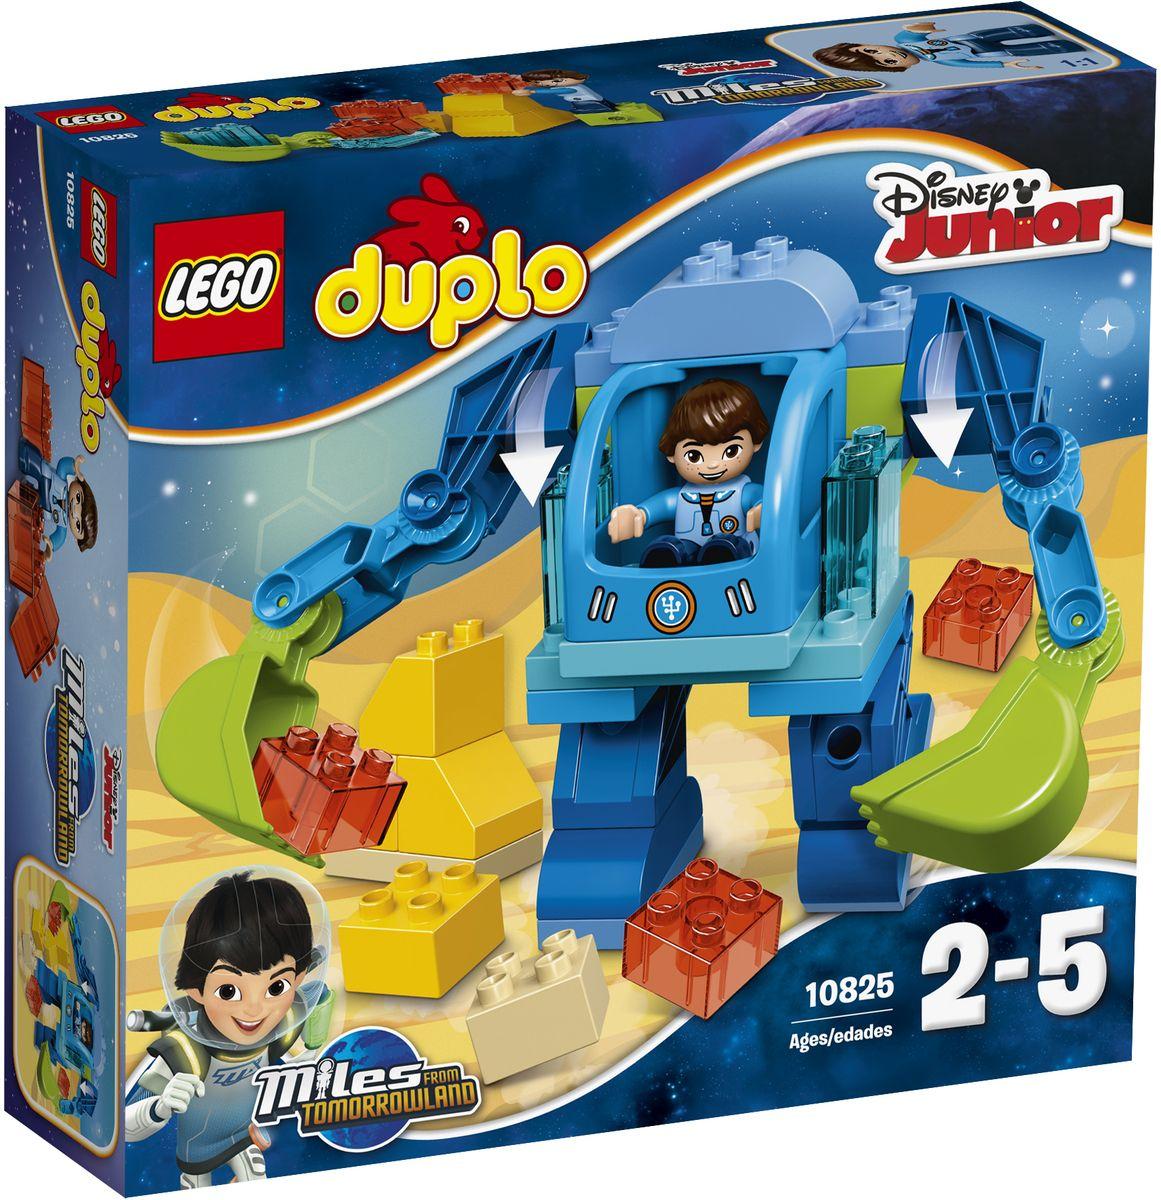 LEGO DUPLO Конструктор Экзокостюм Майлза 1082510825Поклонникам мультфильма Майлз с другой планеты из набора Disney Junior понравится Майлз, сидящий в кабине своего невероятного роботизированного костюма и готовый исследовать новые планеты. Помогите Майлзу использовать большие руки-лопаты подвижного экзокостюма, чтобы выкапывать и изучать космические камни. Маленькие дети могут также создавать из кубиков своих собственных роботов и отправлять их на поиски необыкновенных приключений. В набор входит фигурка Майлза. Конструктор LEGO DUPLO. Экзокостюм Майлза включает в себя 37 разноцветных пластиковых элементов. Конструктор станет замечательным сюрпризом вашему ребенку, который будет способствовать развитию мелкой моторики рук, внимательности, усидчивости и мышления. Играя с конструктором, ребенок научится собирать детали по образцу, проводить время с пользой и удовольствием.